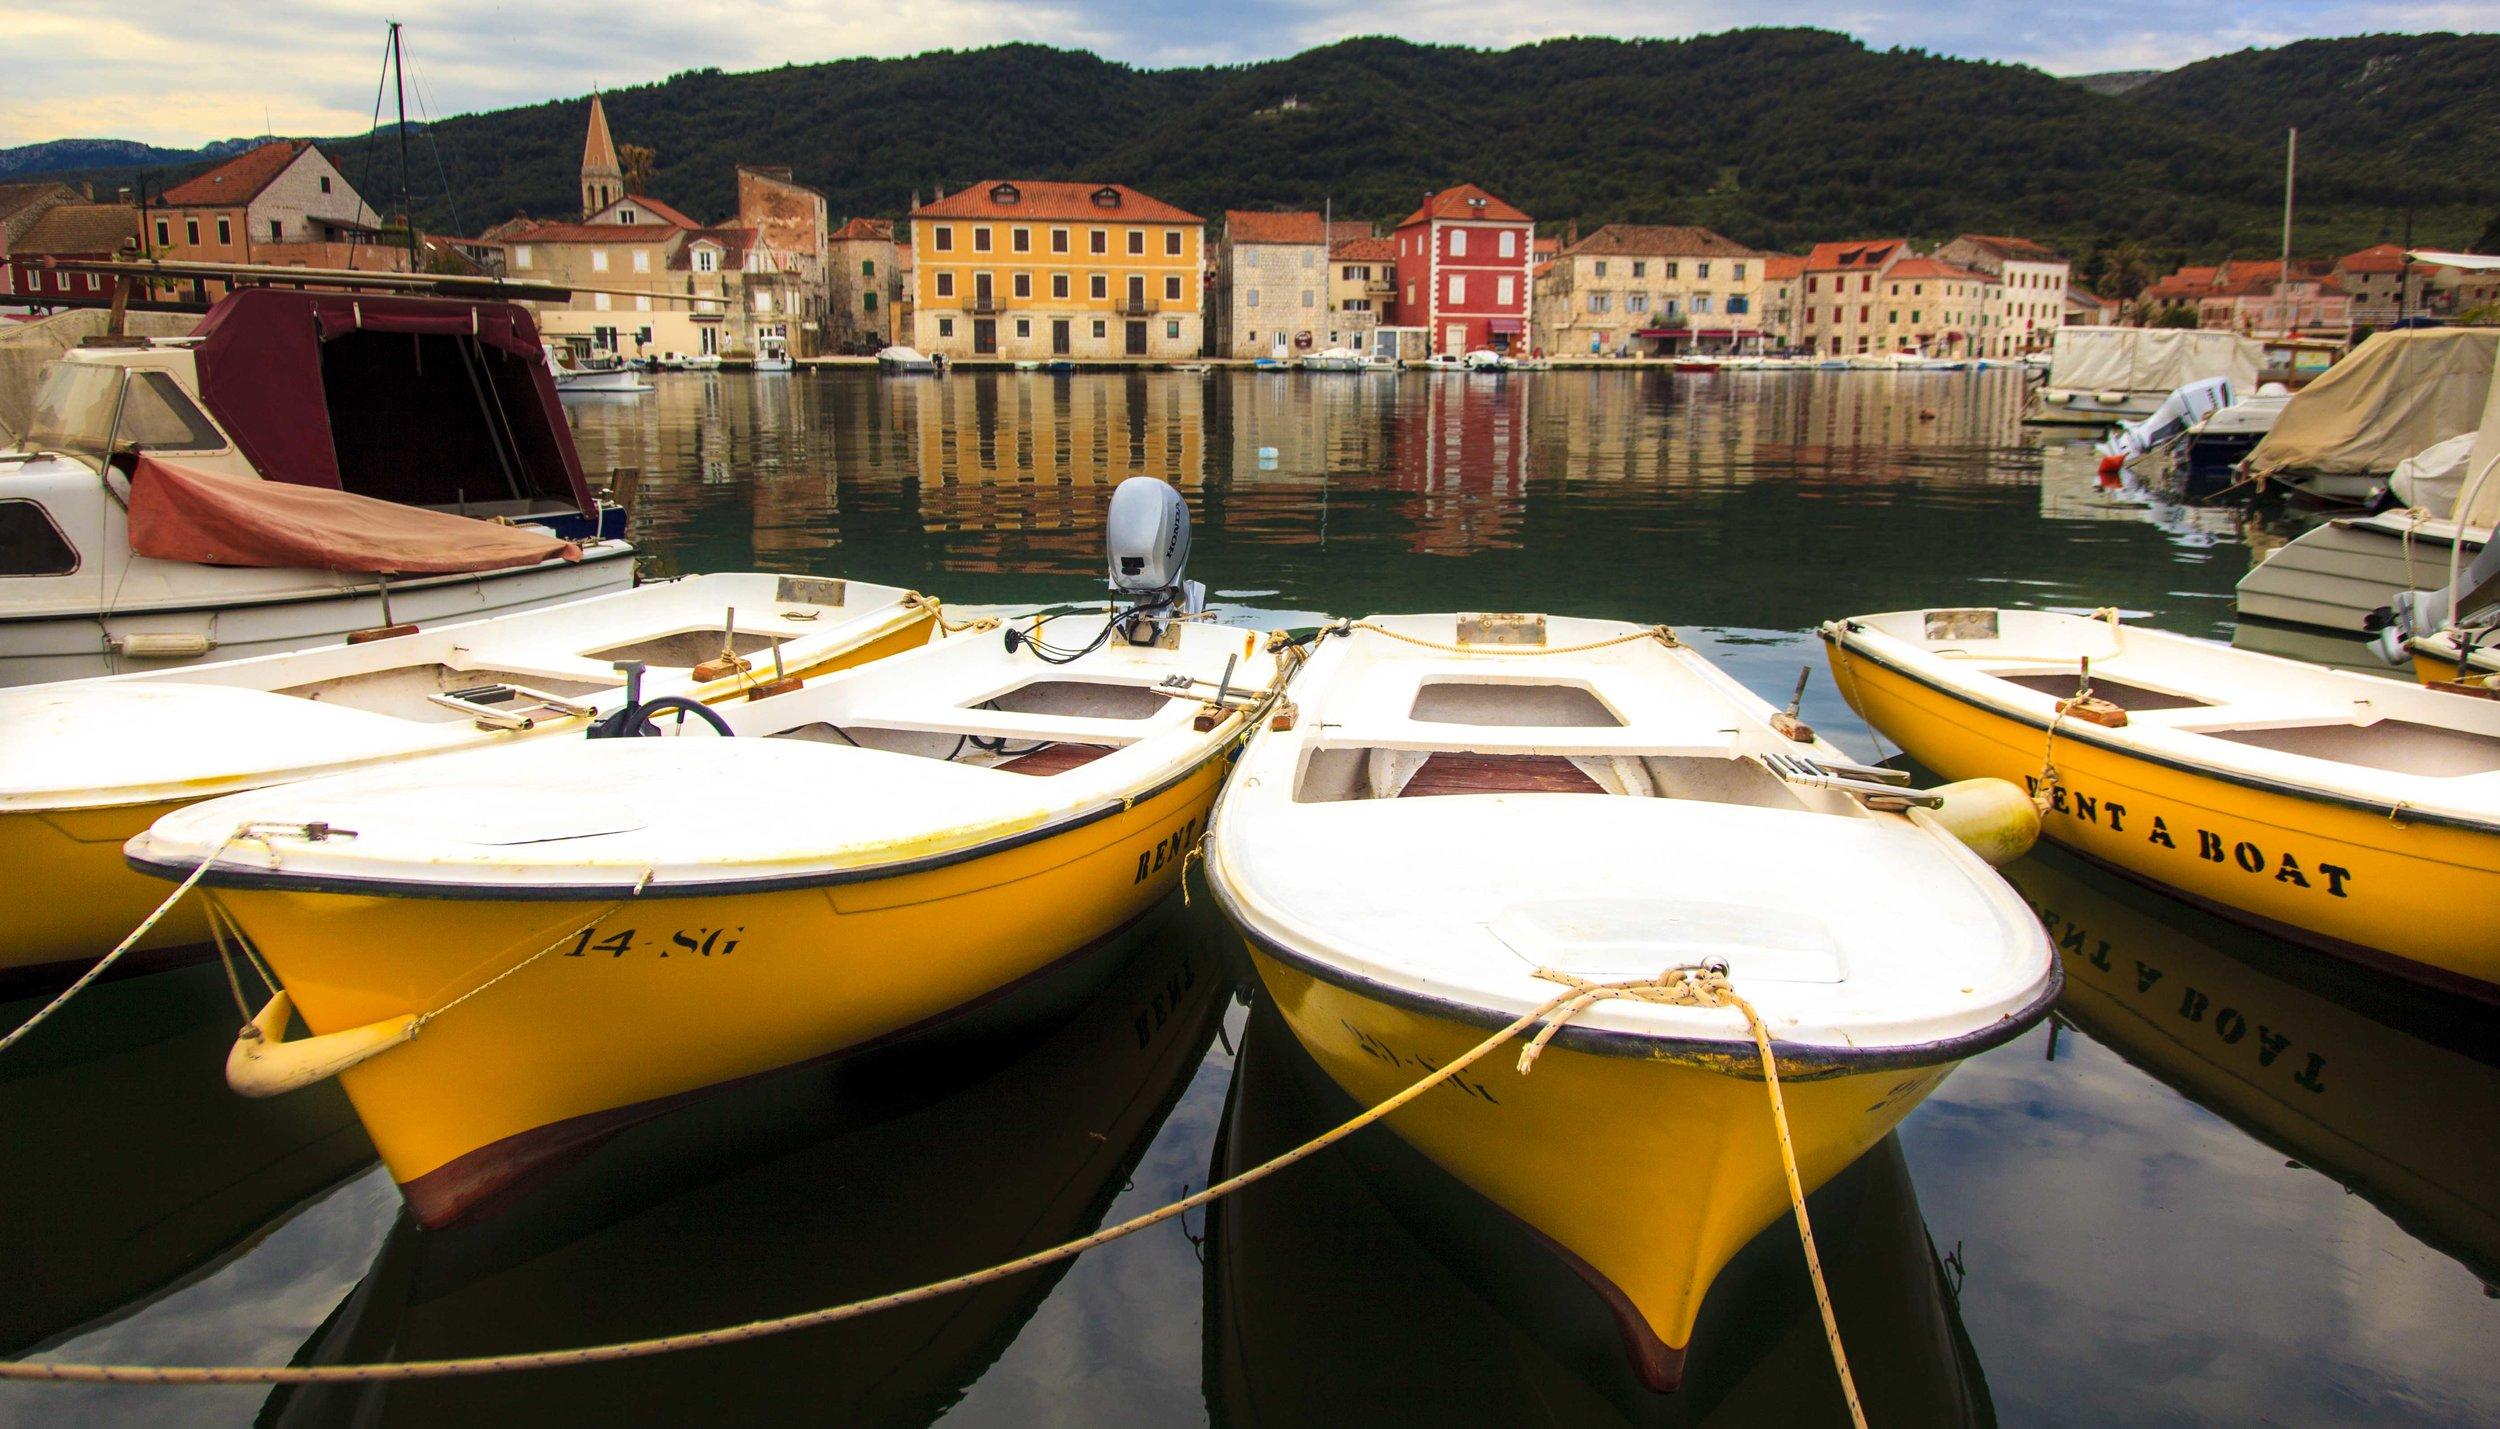 Hvar boats on a rest day